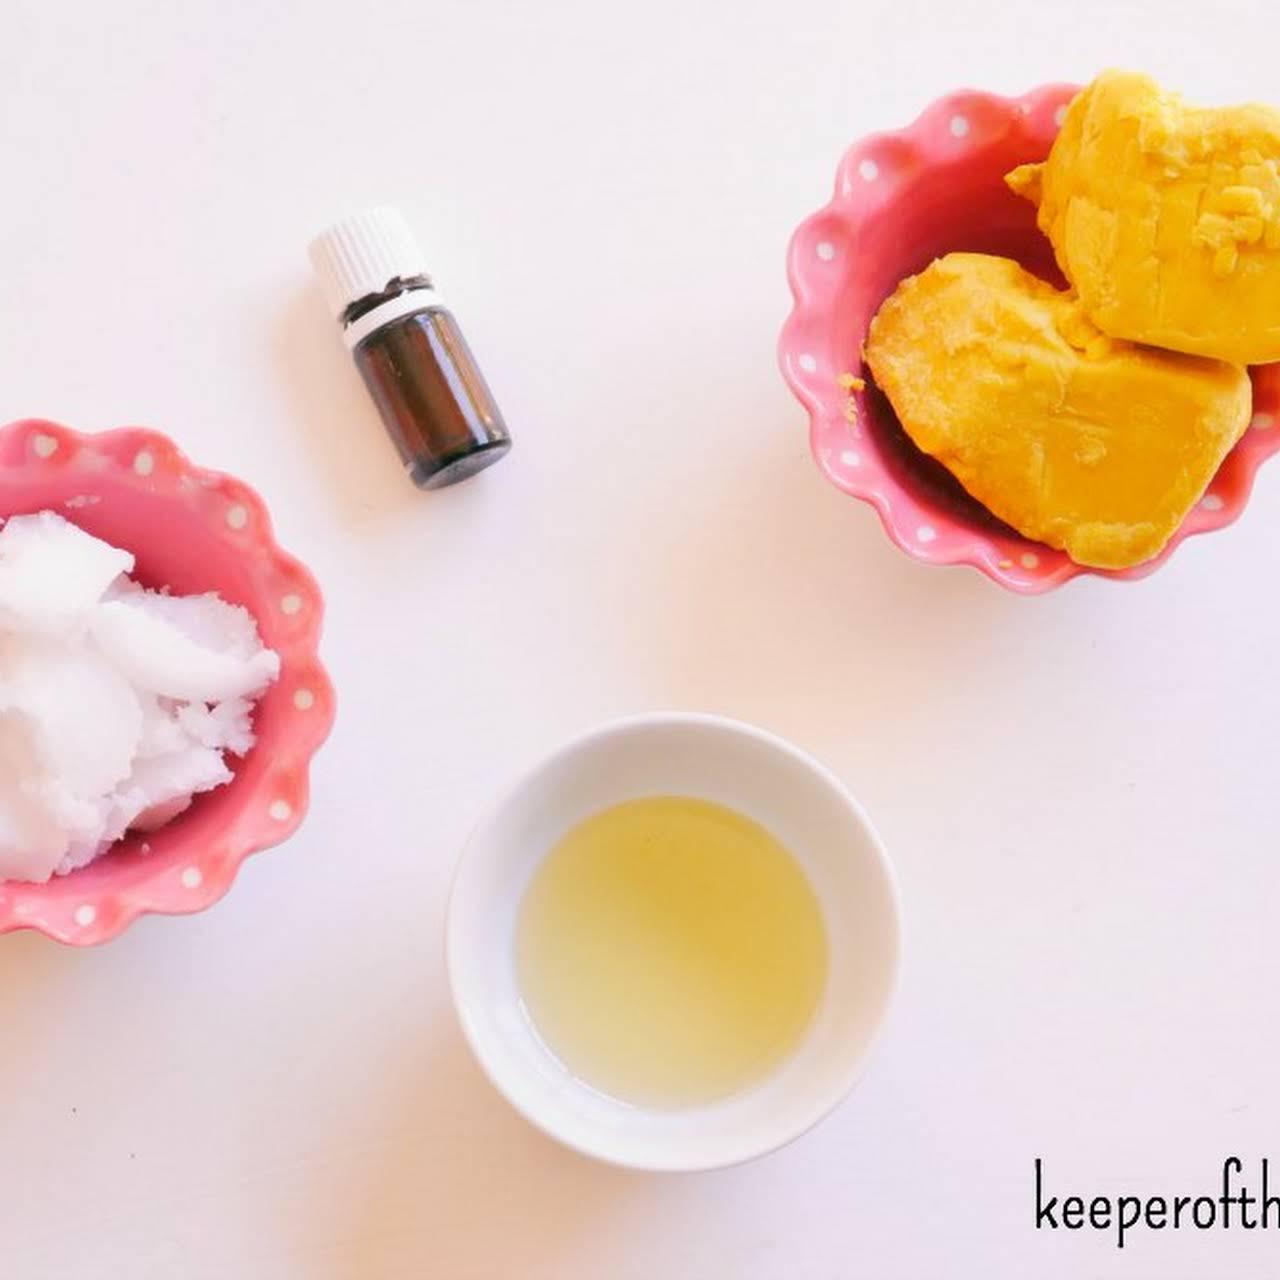 Body Butter for Dry Winter Skin